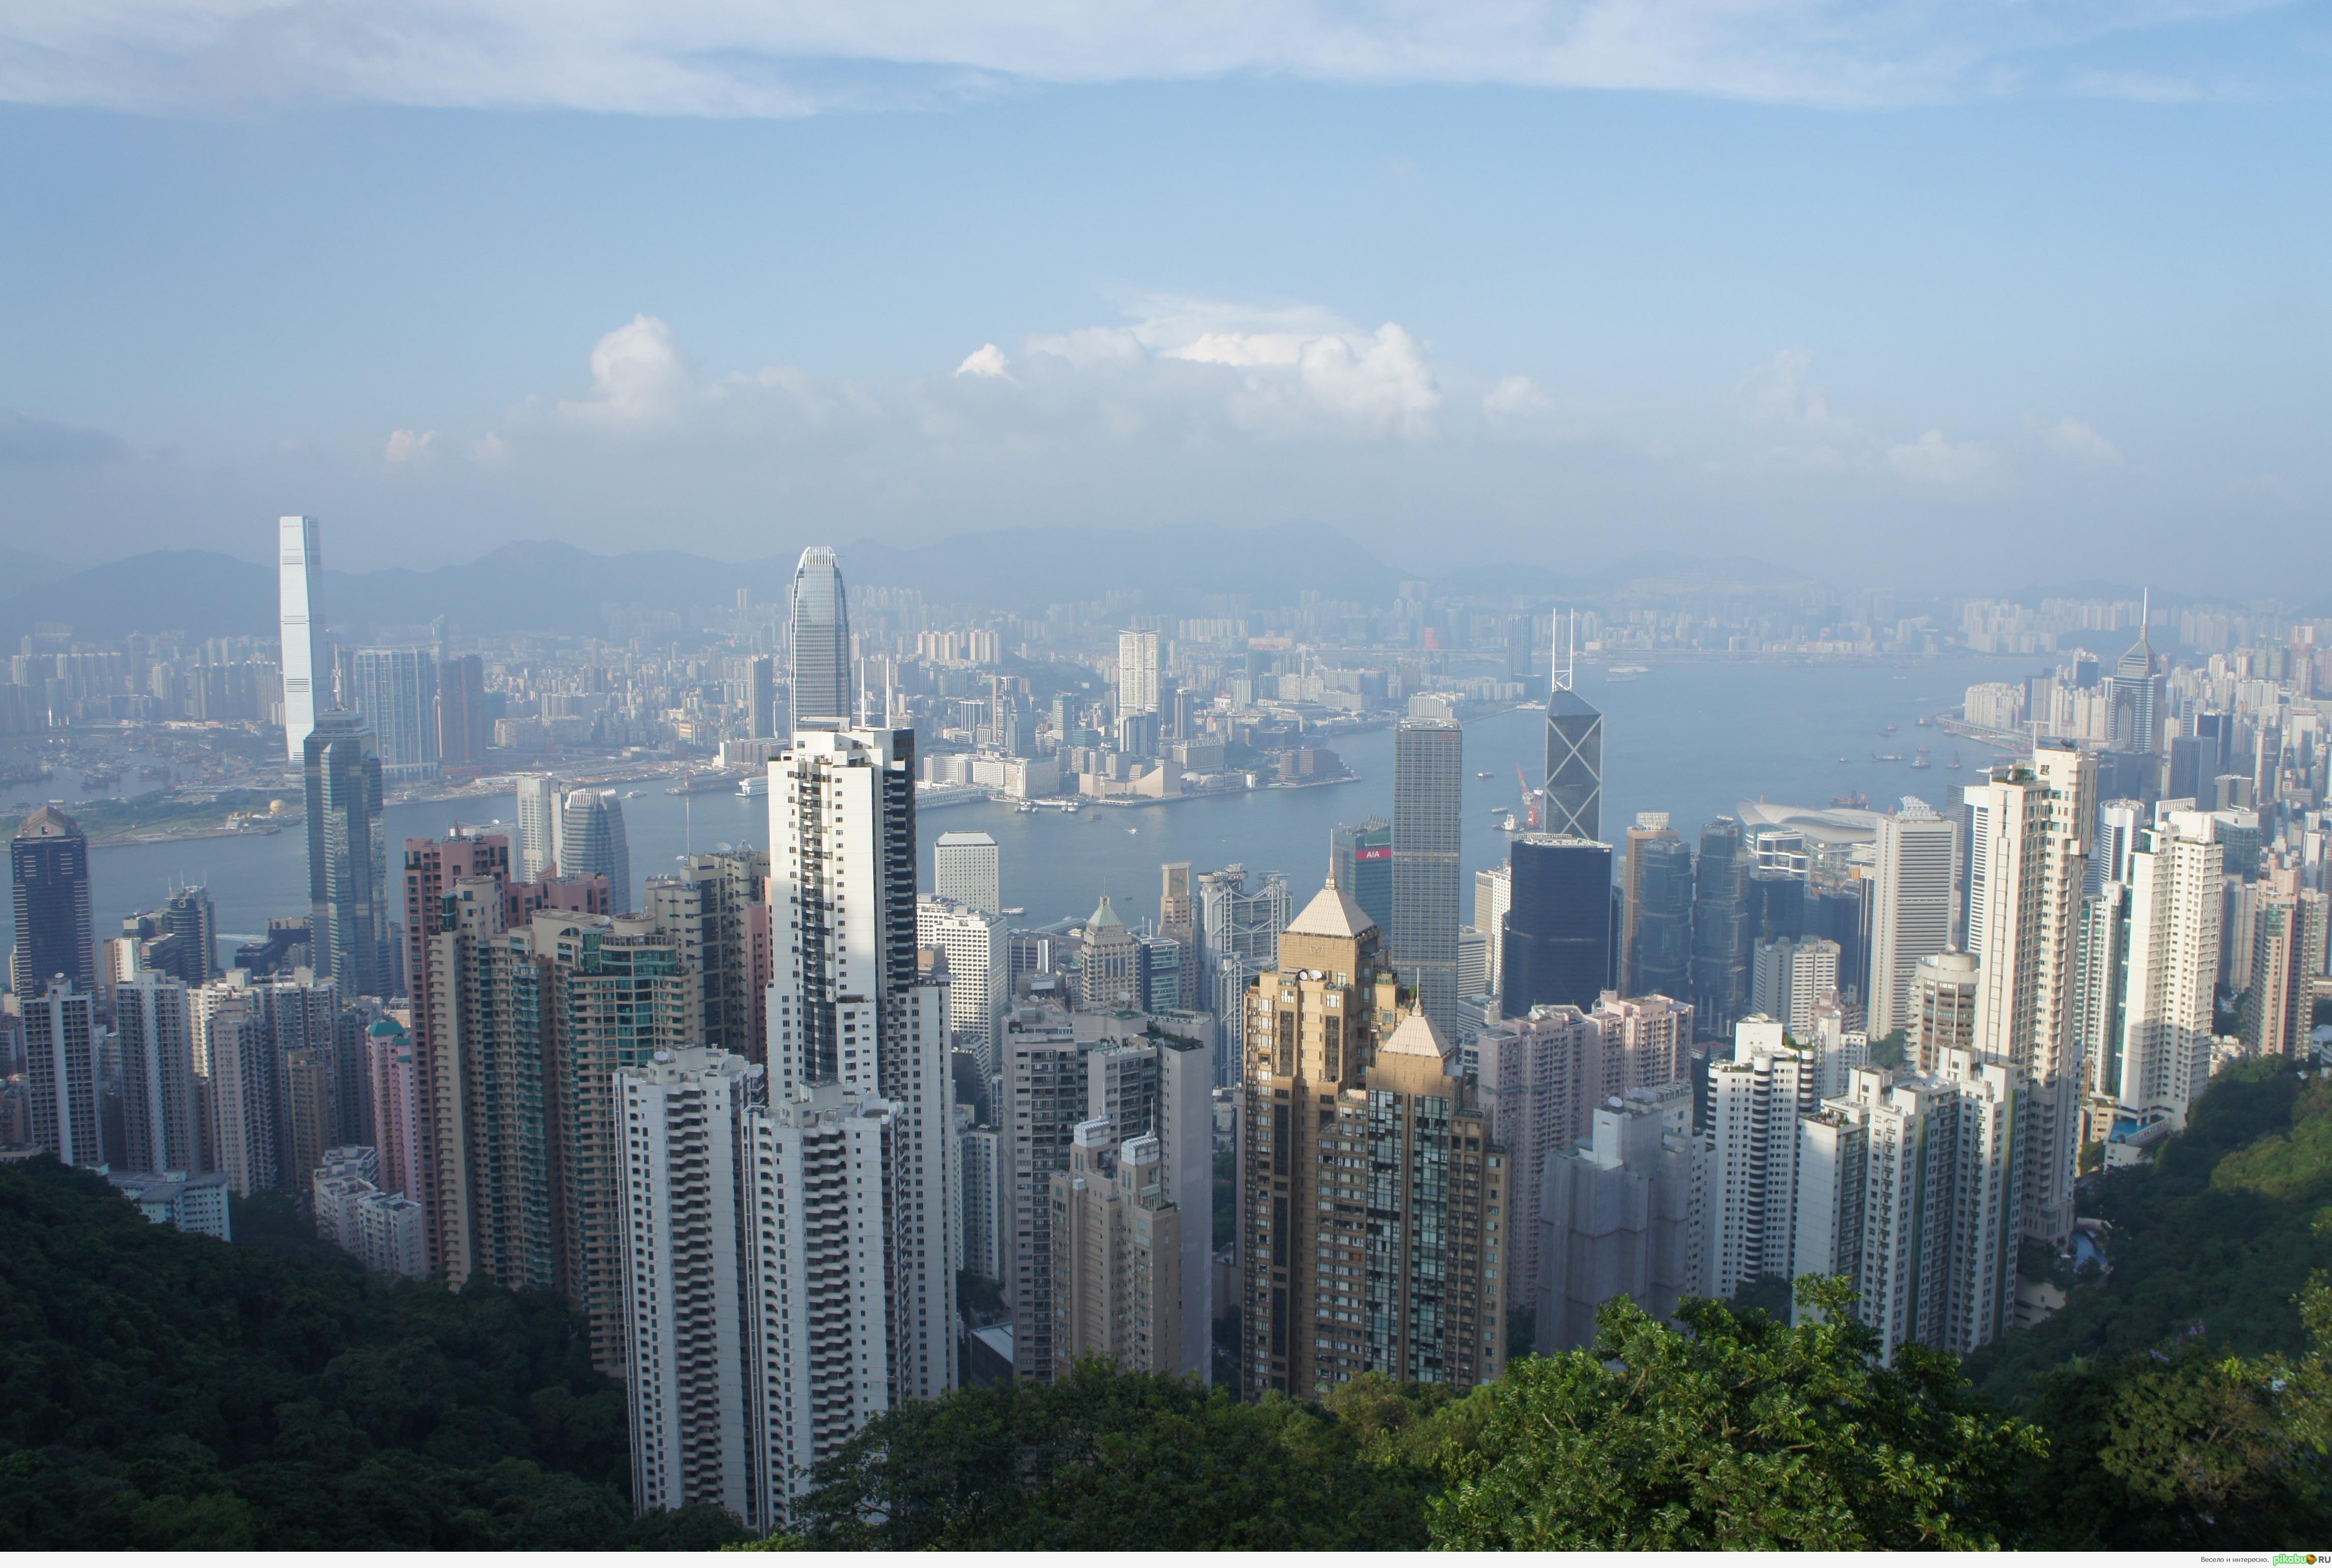 Прямой репортаж из Гонконга Фото шлю специально тебе, Пикабу! Остальные в комментах.